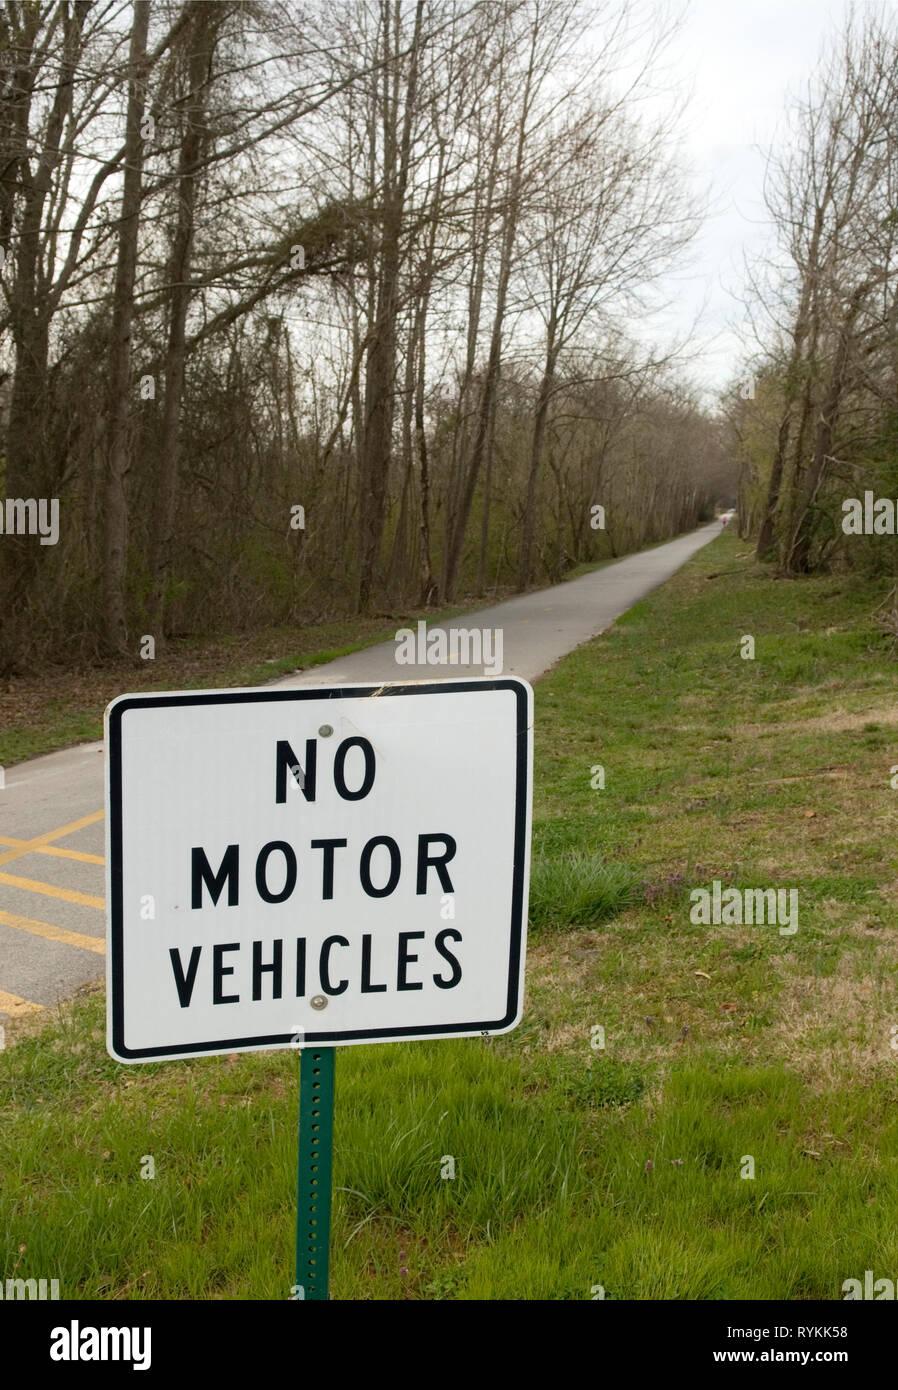 No motor vehicles sign at Greenlink bike and hiking trail, Greenville, South Carolina, USA. Stock Photo